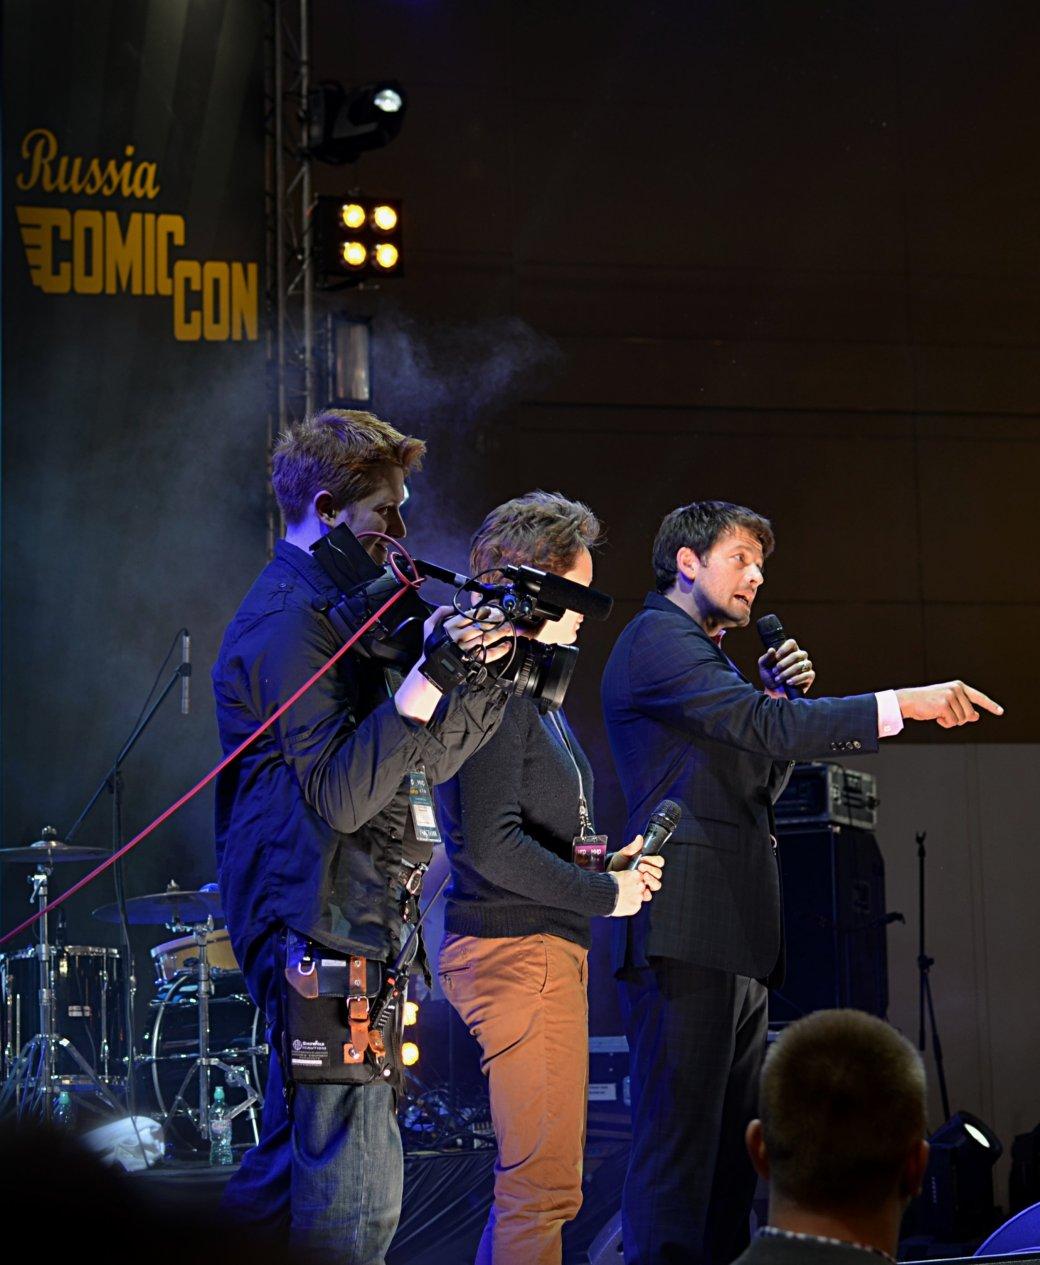 Фотоотчет с «Игромира» и Comic Con Russia, день 3 – Миша Коллинз - Изображение 31